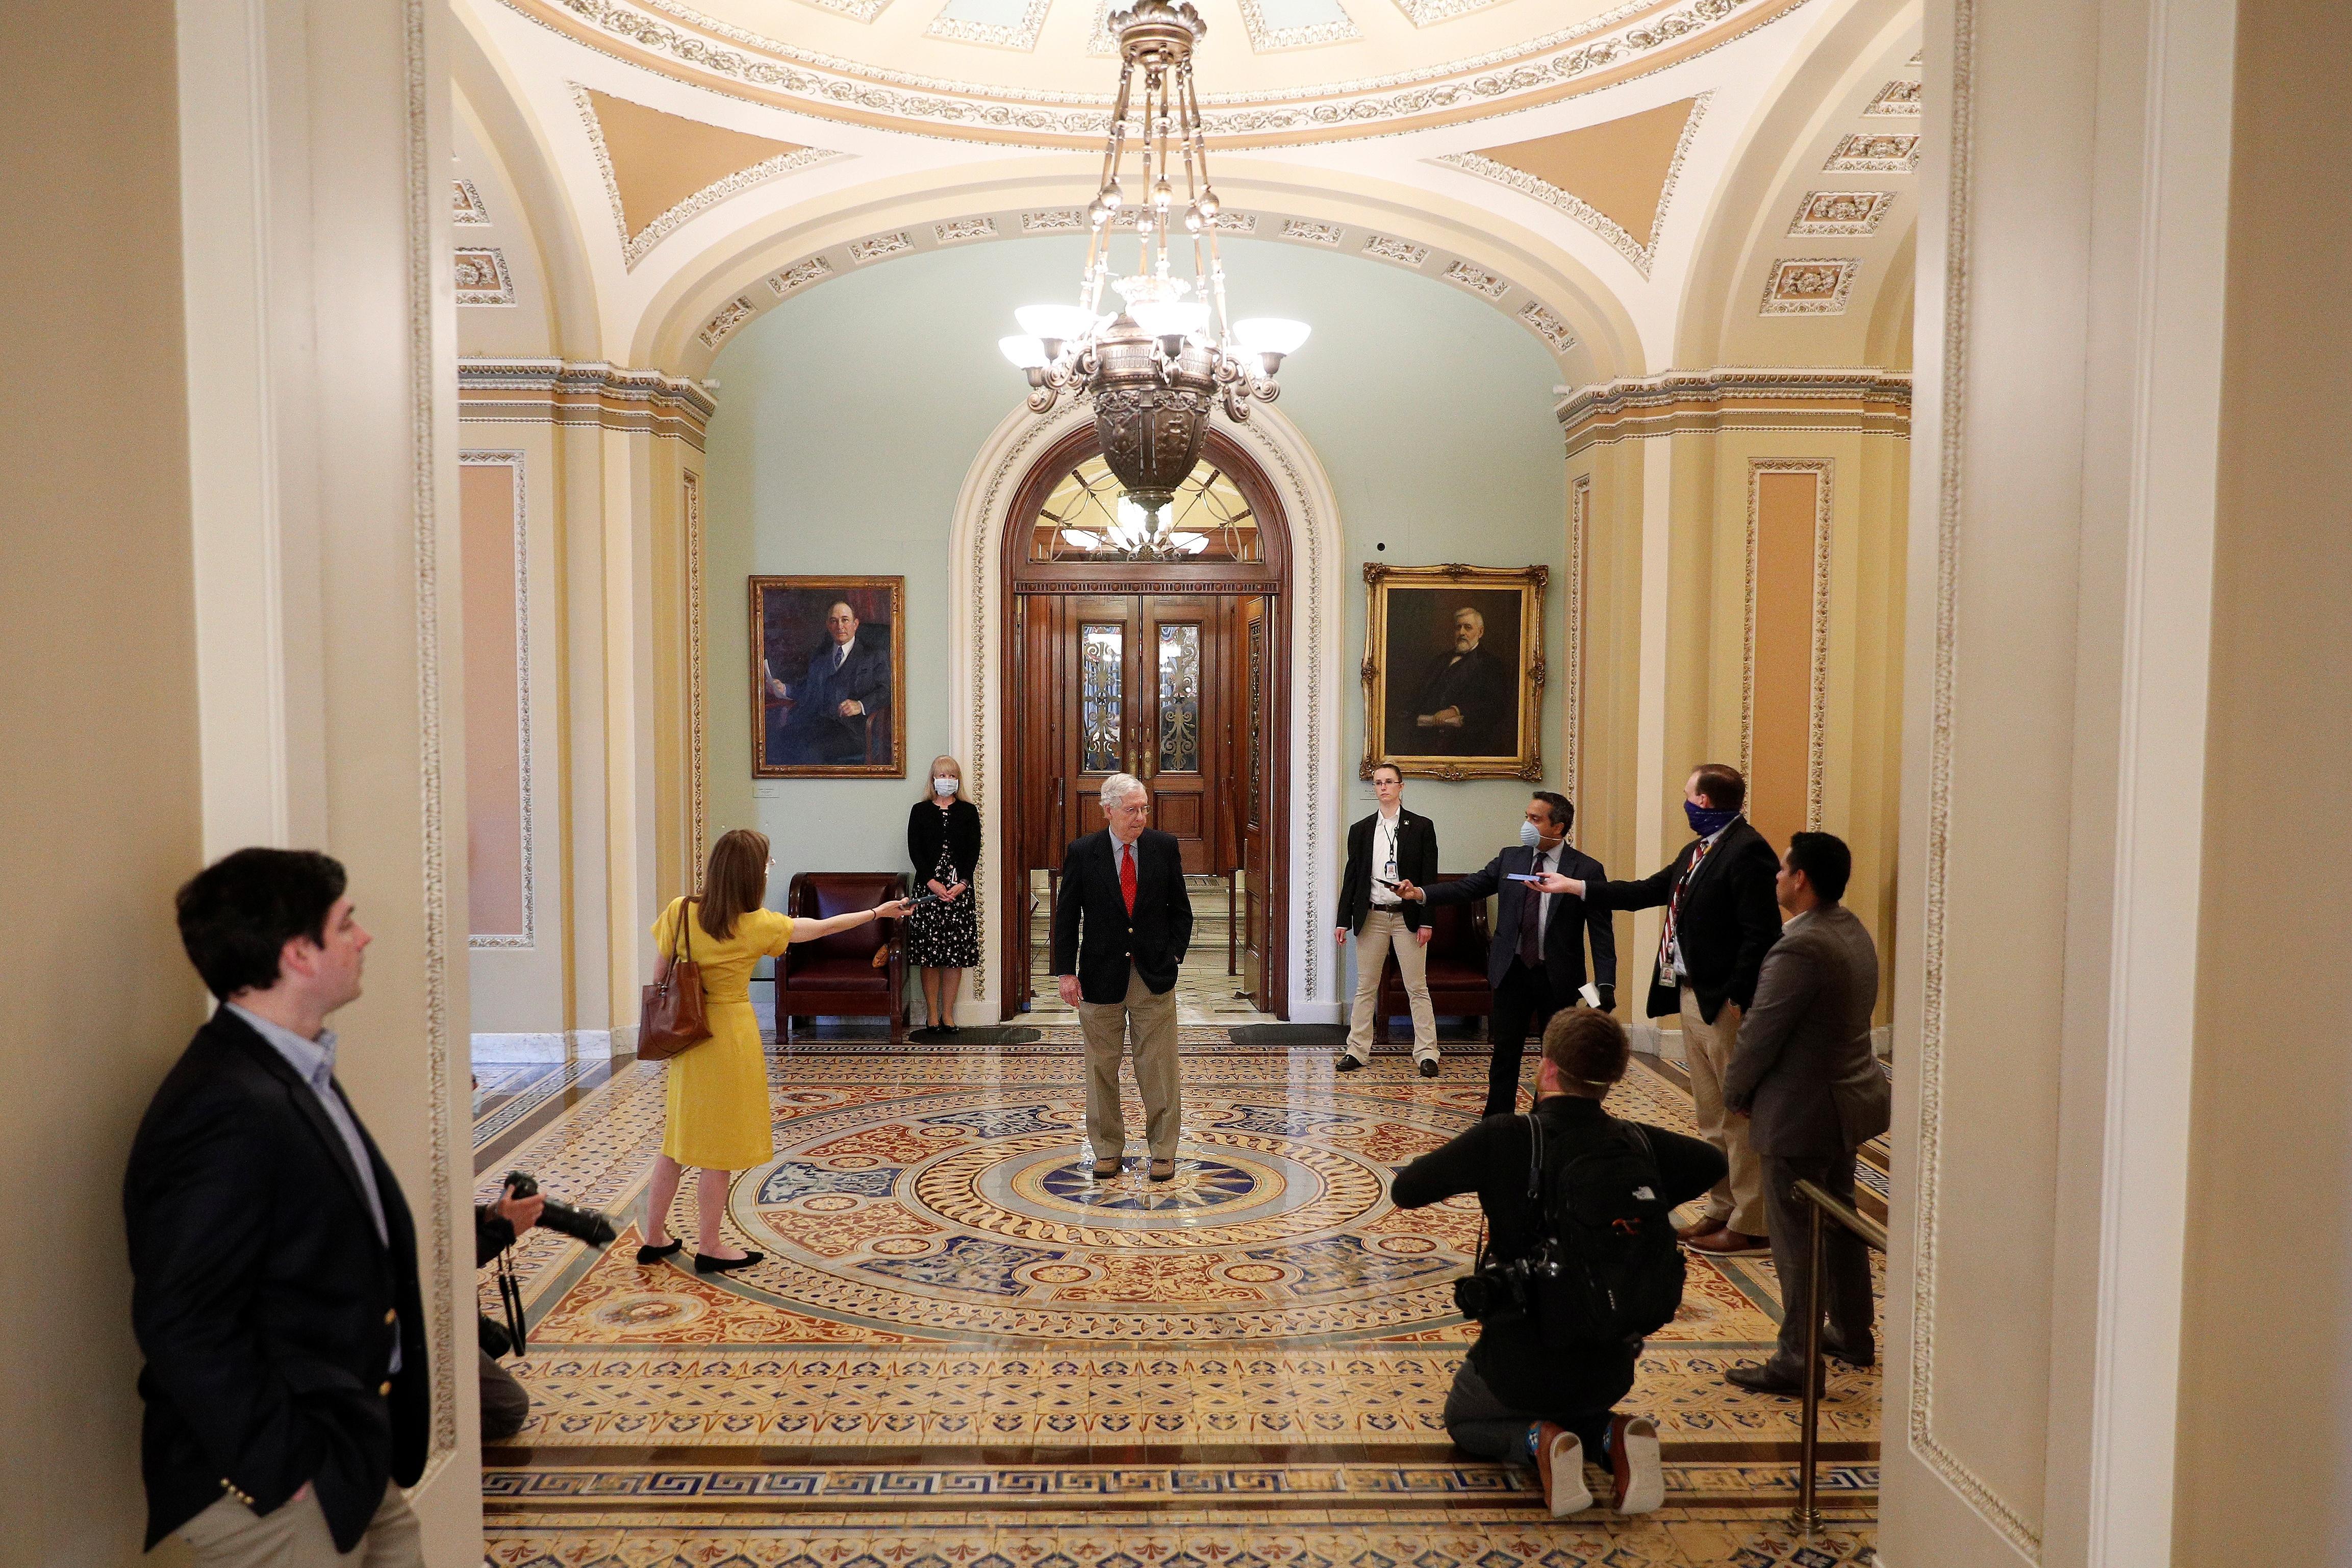 Le Congrès américain en pourparlers sur l'aide aux petites entreprises contre le coronavirus après un affrontement partisan